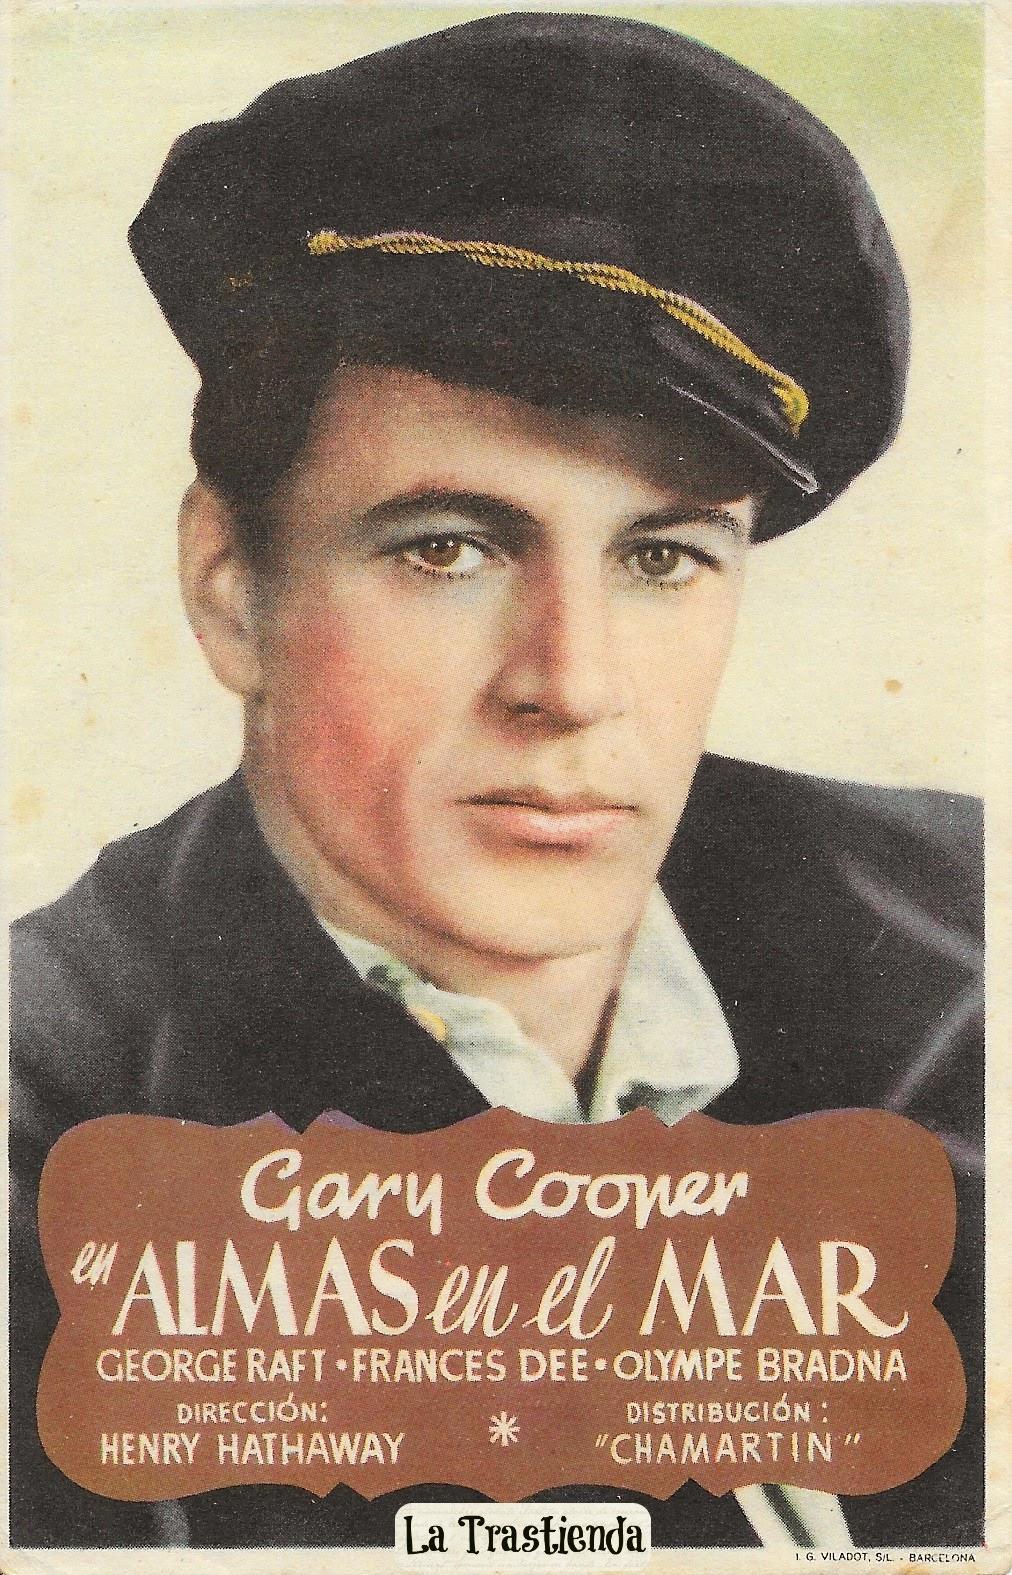 Programa de Cine - Almas en el Mar (Vertical) - Gary Cooper - George Raft